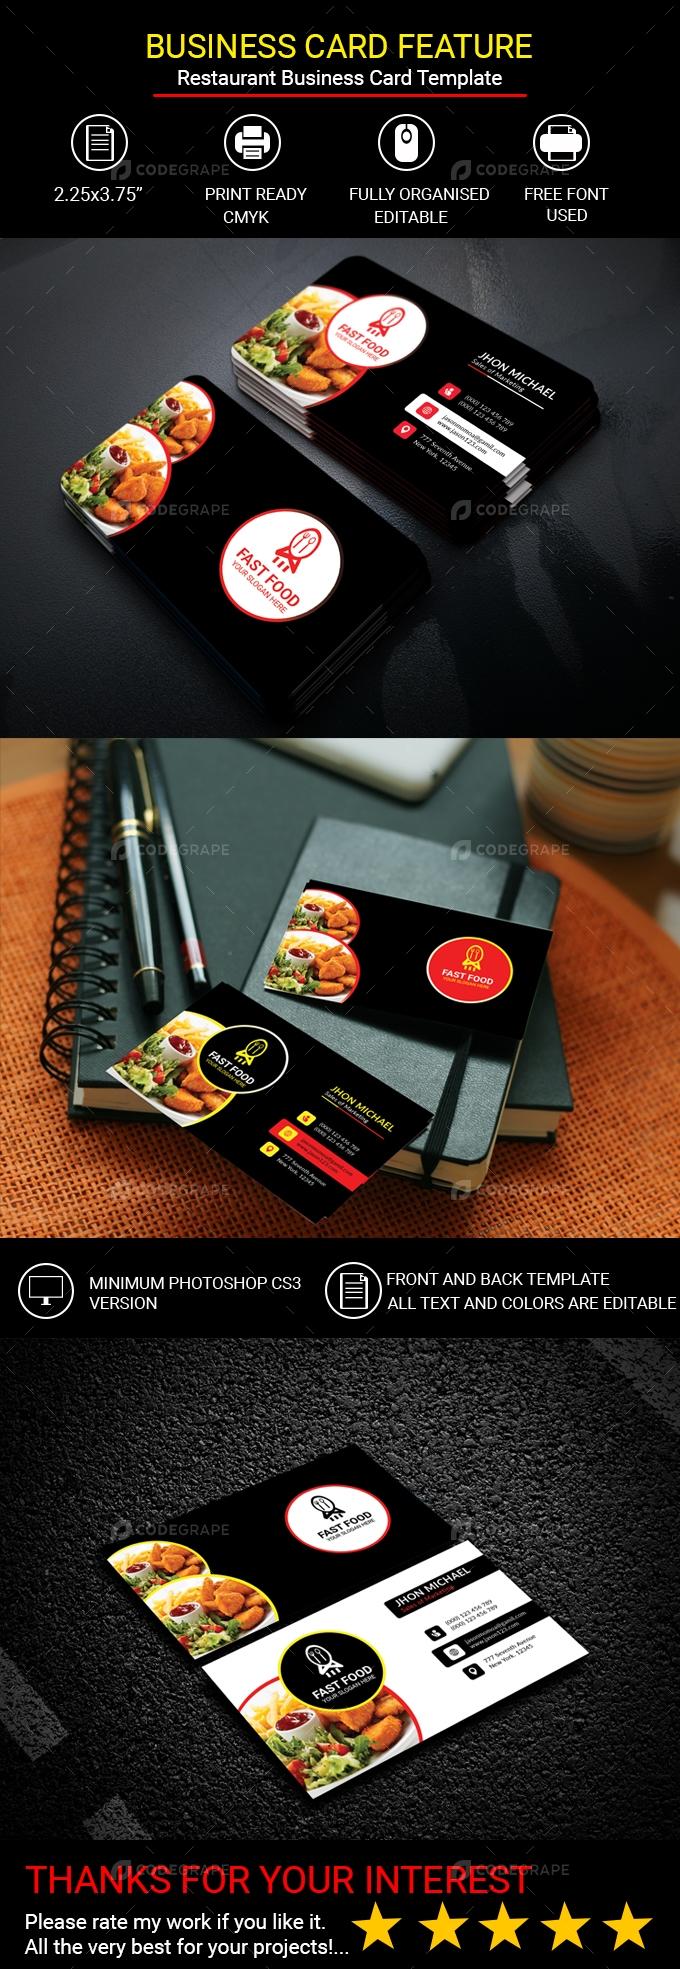 Restaurant Business Card